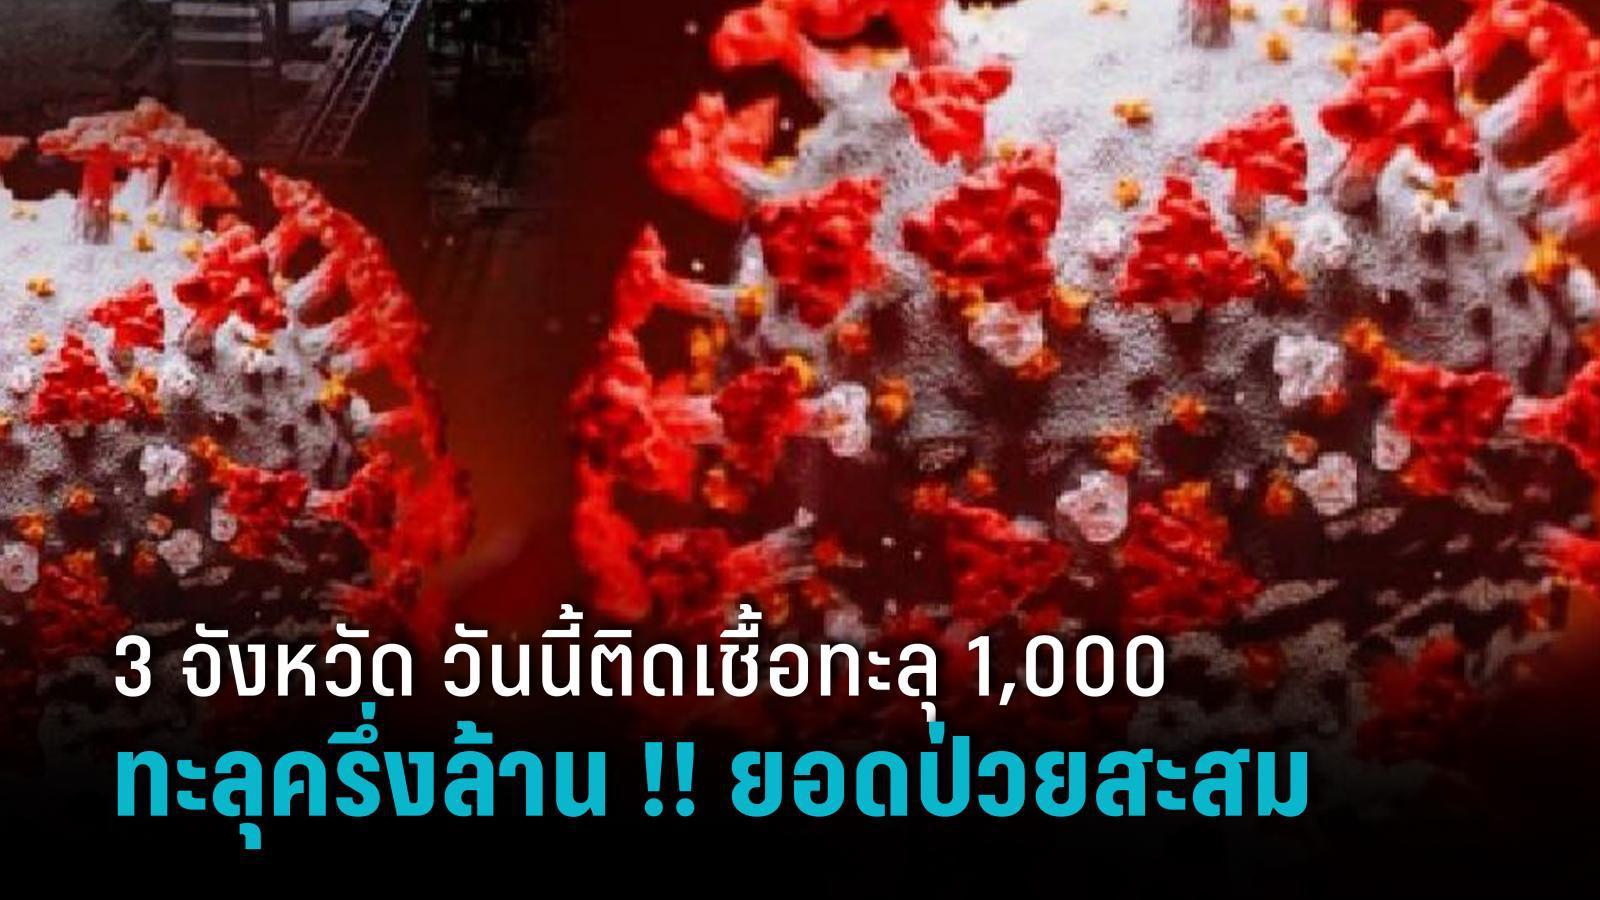 ทะลุครึ่งล้าน !! ยอดป่วยสะสม กทม.หนักสุด พบ 3 จังหวัด วันนี้ติดเชื้อทะลุ 1,000 ราย